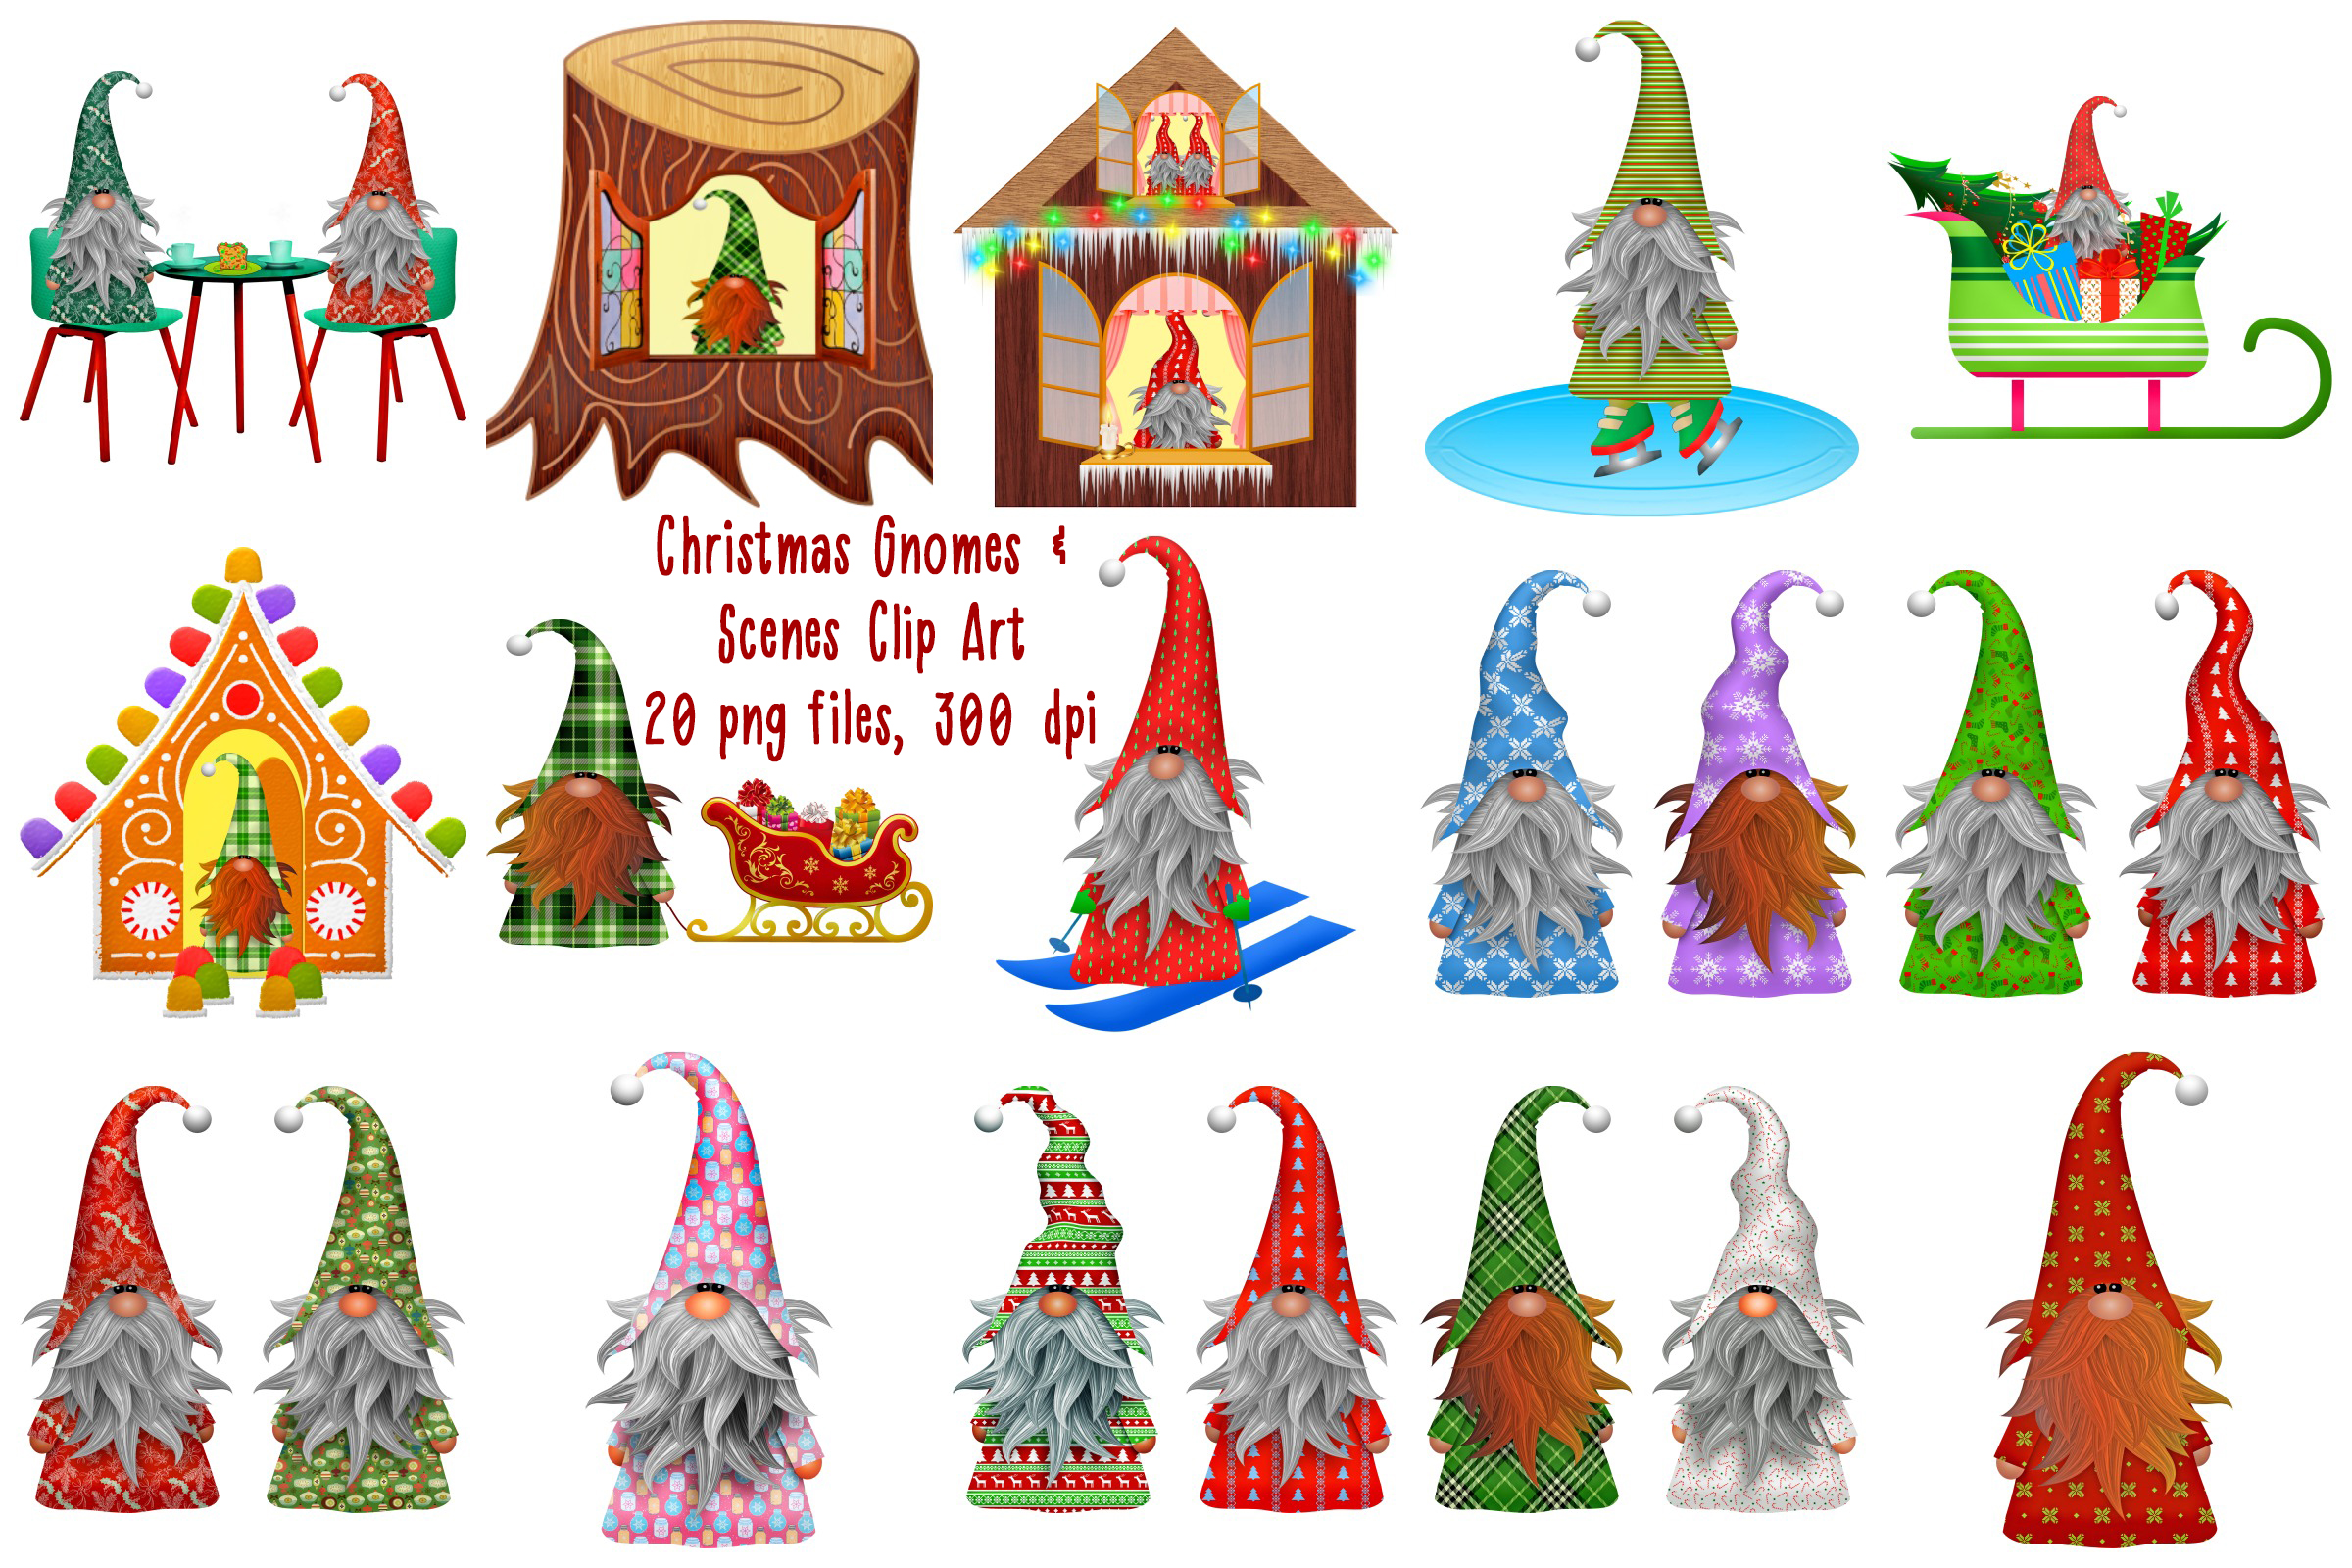 Christmas Gnomes Clipart.Christmas Gnome Scandia Clip Art